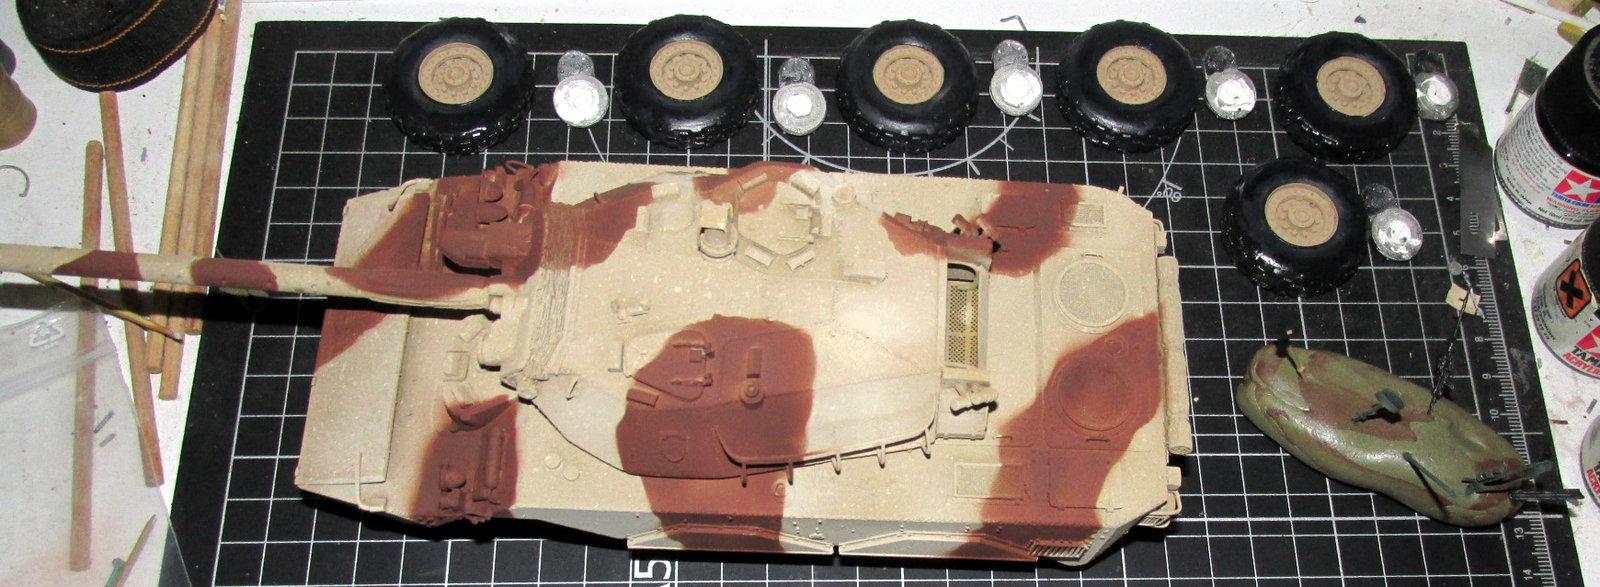 AMX 10 RC - Azimut Production 1912241209155927